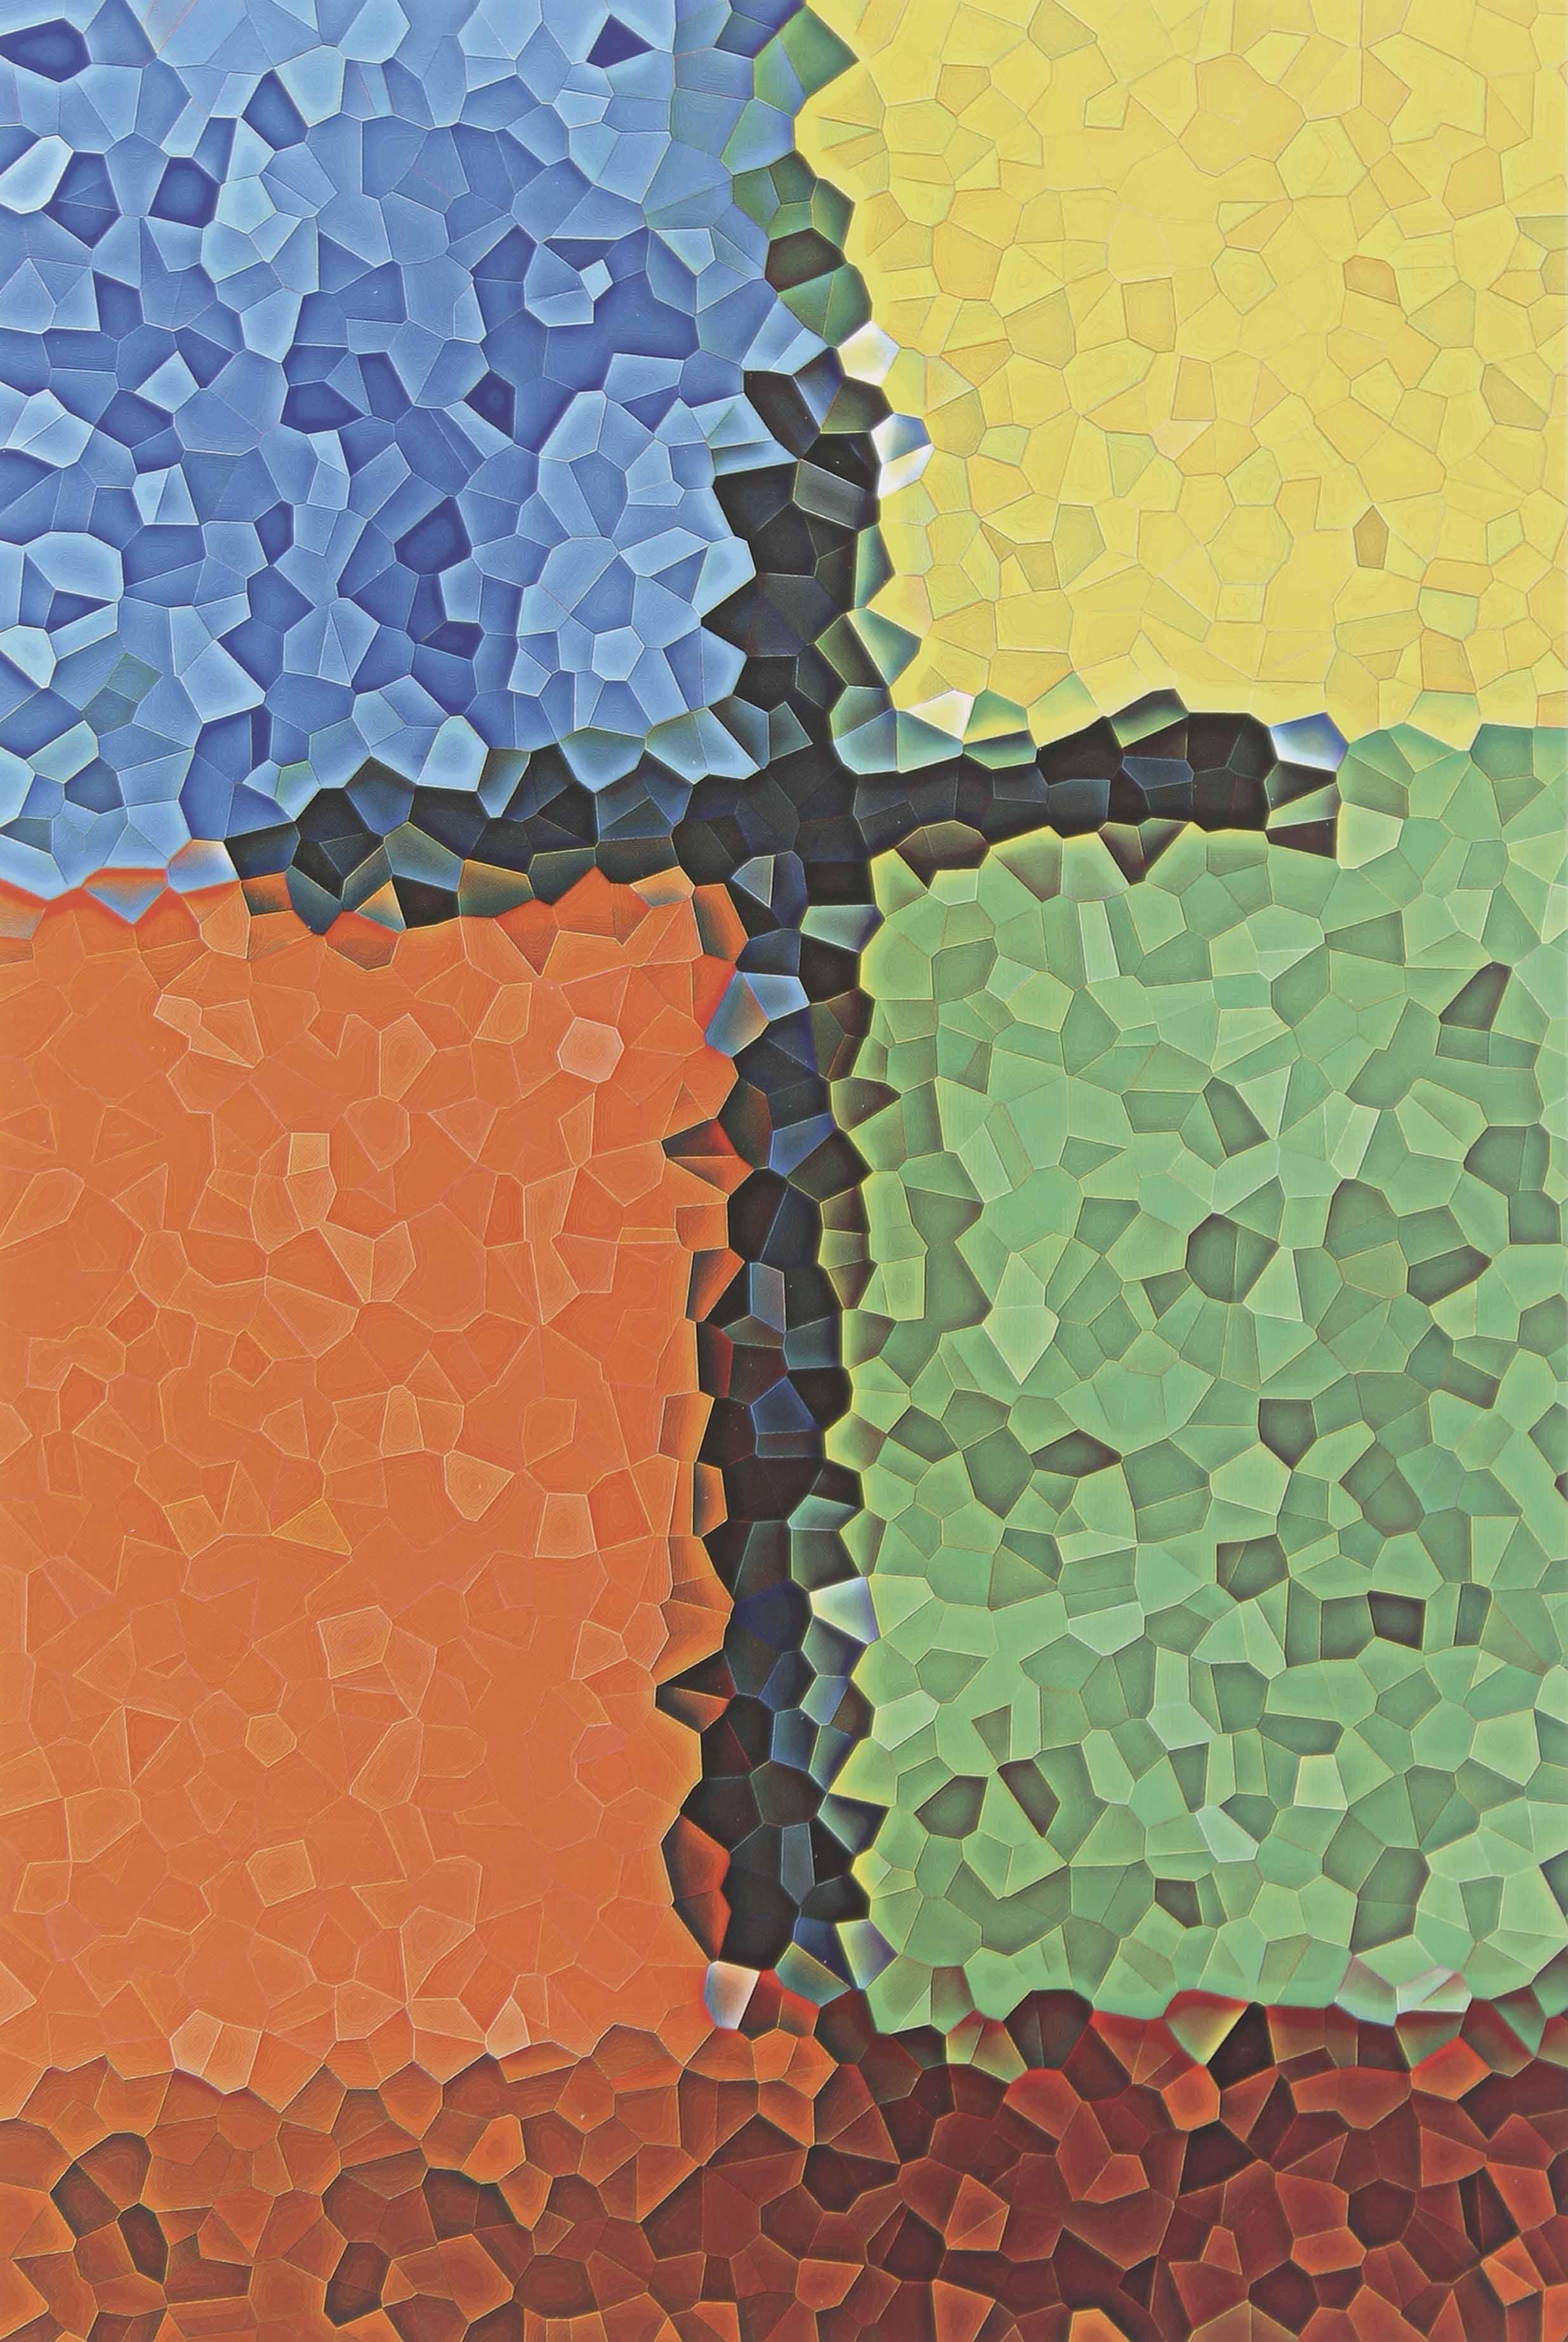 """JULIO TESTONI (Nac.1948) """"METAMORFOSIS 22"""" Técnica mixta 1/1 impresa en papel Arches digital; 120 x 90 cm. Al dorso Firmado y fechado 2004, y autentificado por el Artista. Esta obra fue realizada en Francia en los Laboratorios Canson en Annonay en Octubre del 2004. POR CONSULTAS DE PRECIOS, CONTACTE LA GALERIA. FOR PRICE´S ENQUIRIES, PLEASE CONTACT THE GALLERY."""